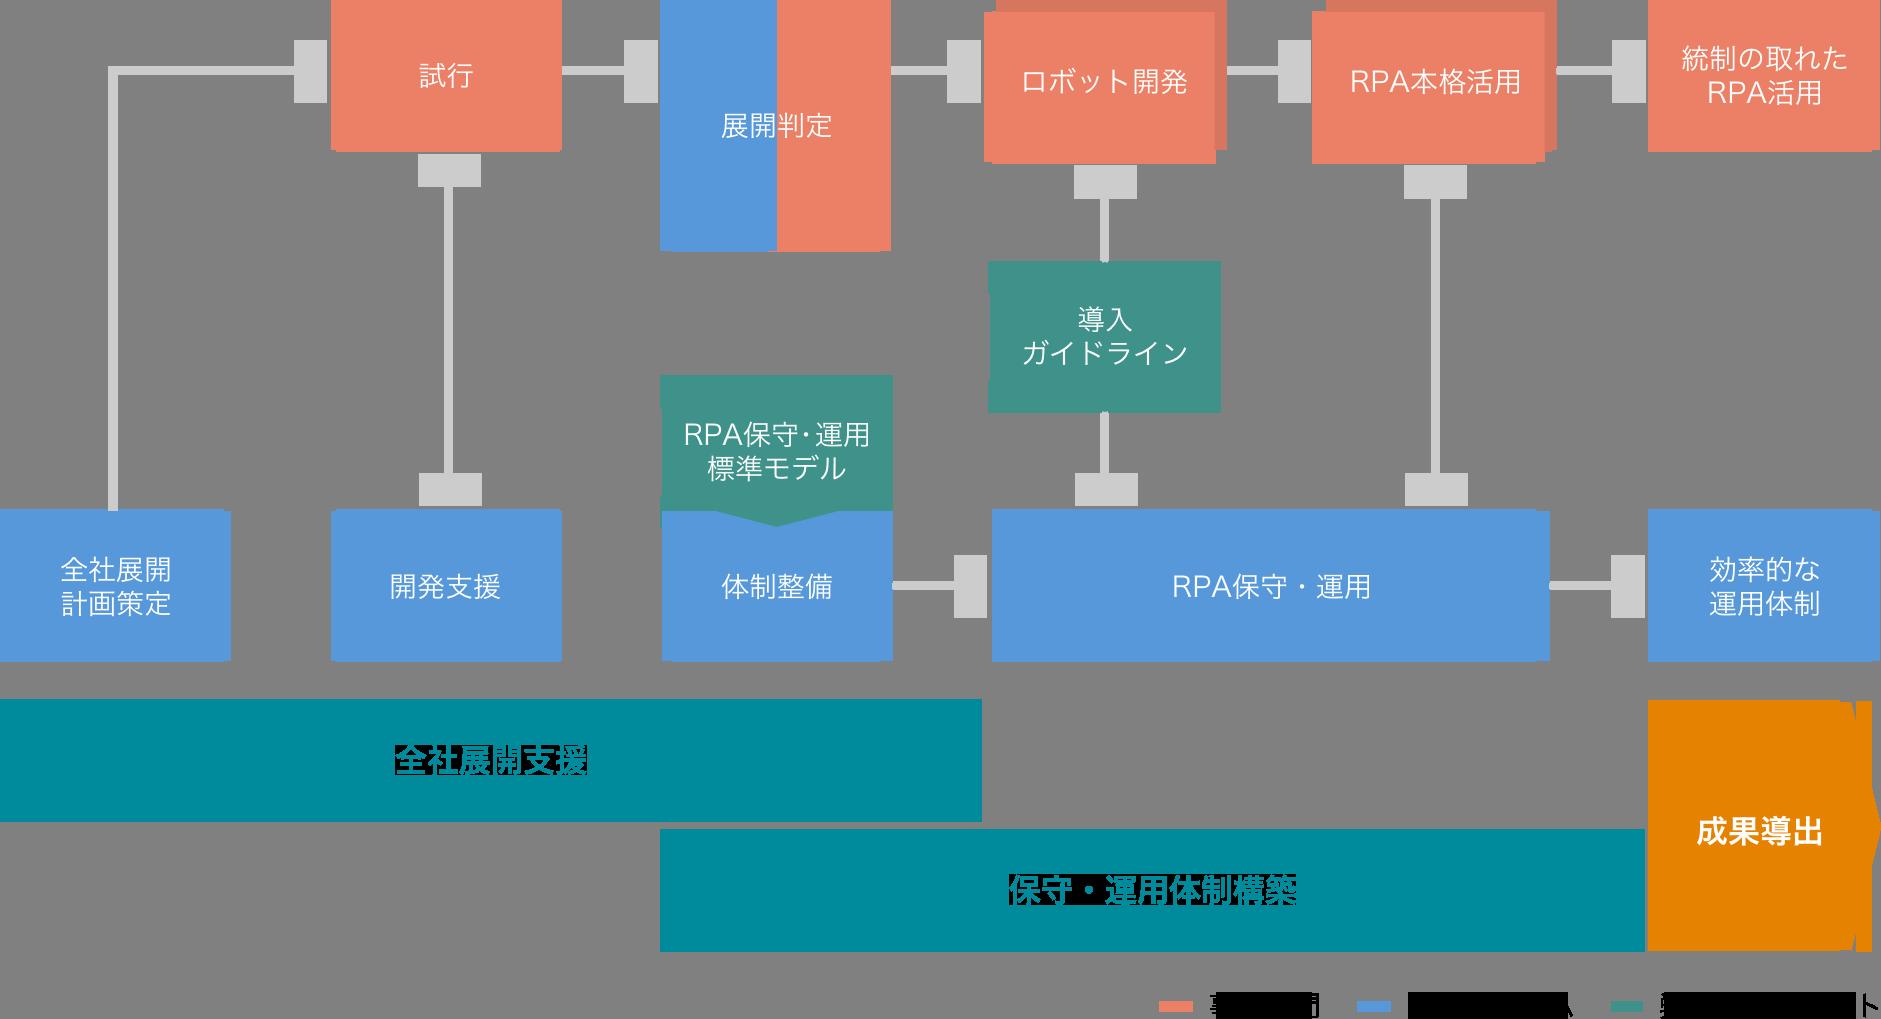 RPA全社展開及び保守運用体制構築